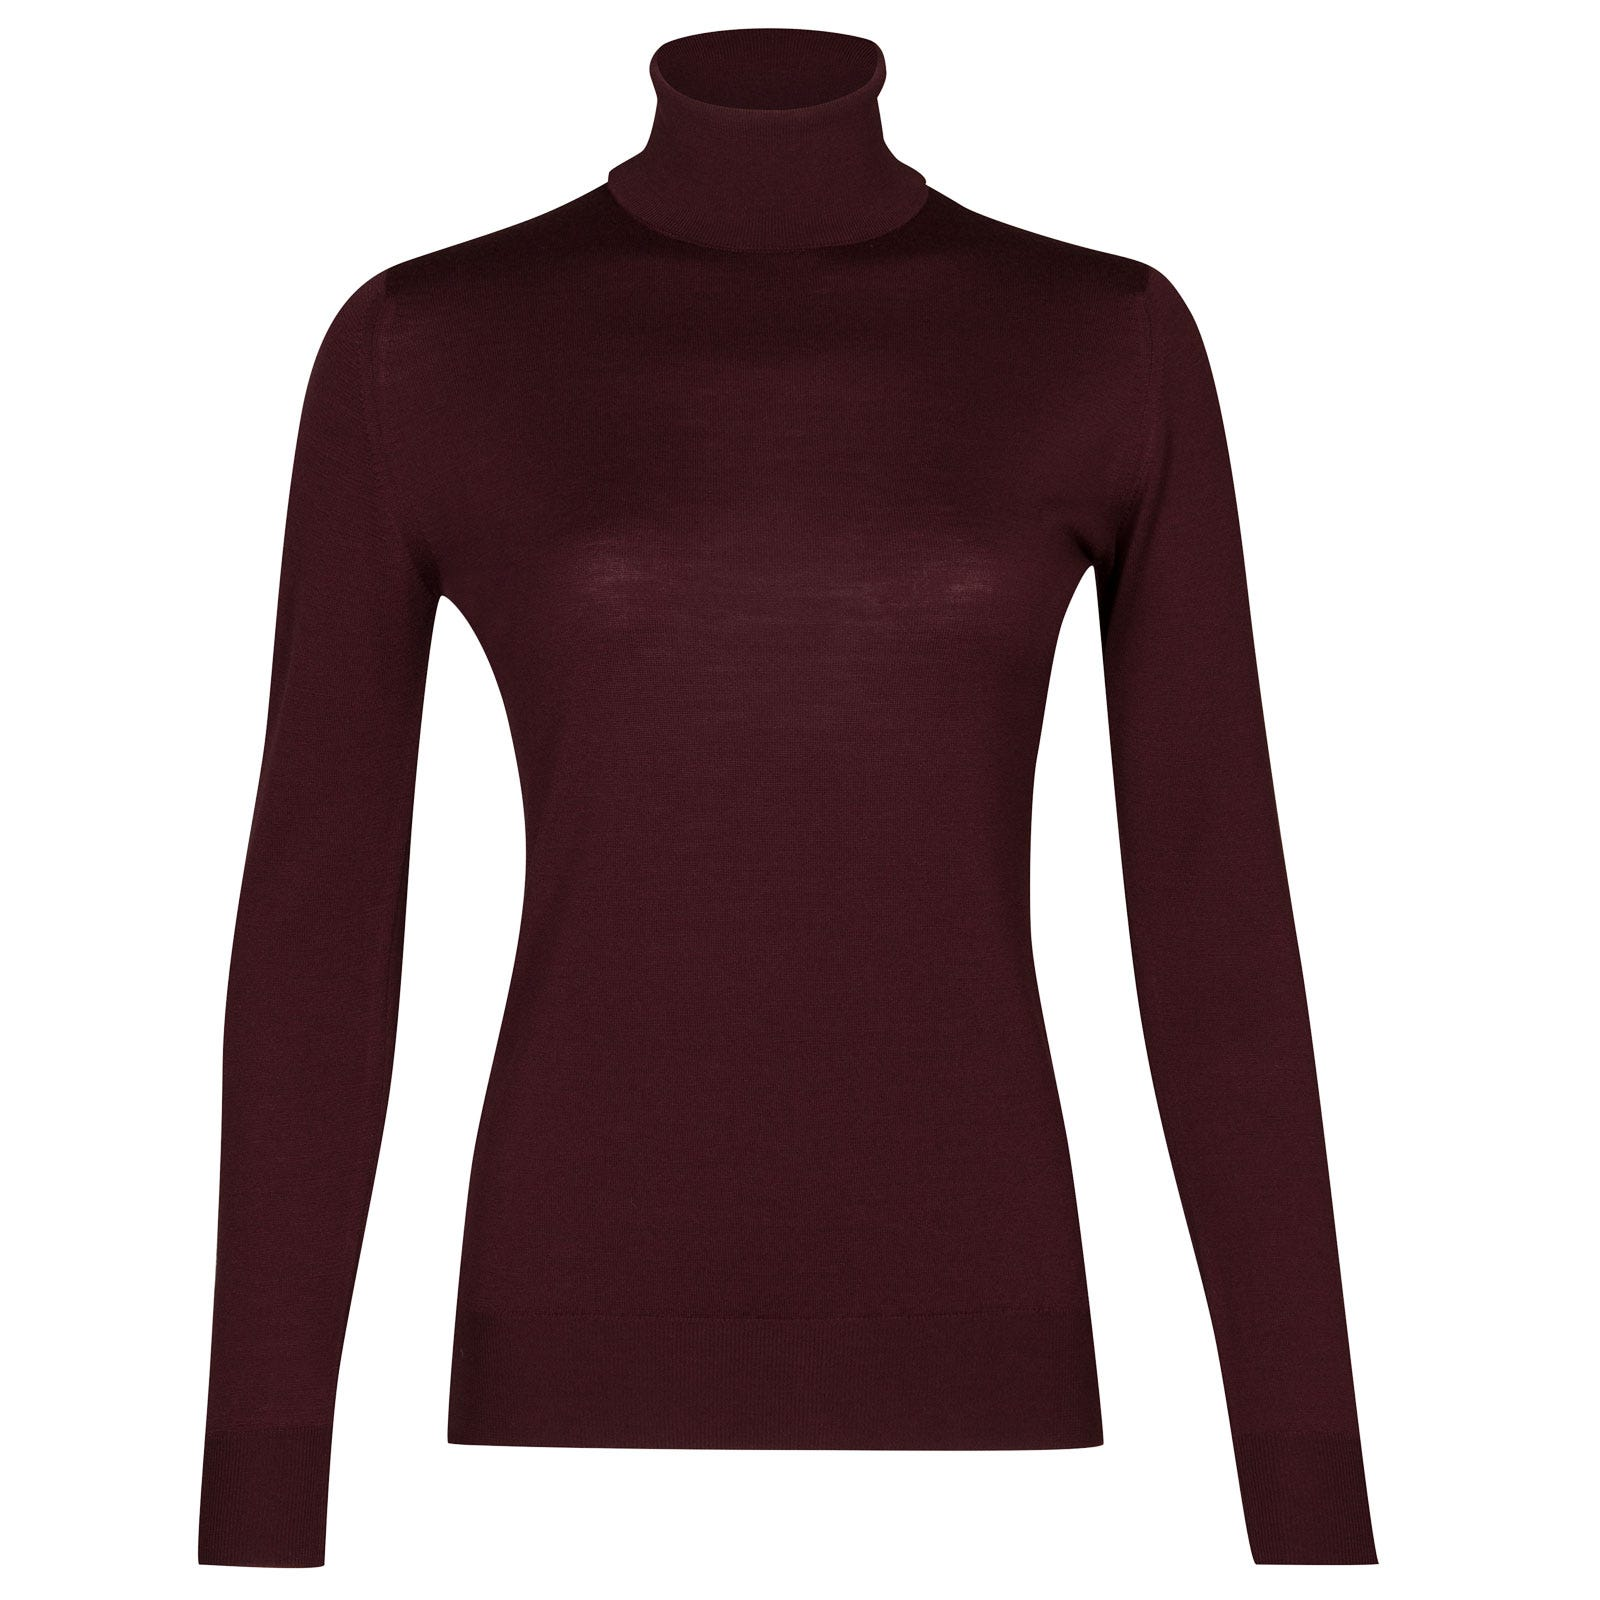 John Smedley Catkin Merino Wool Sweater in Maroon Blaze-L